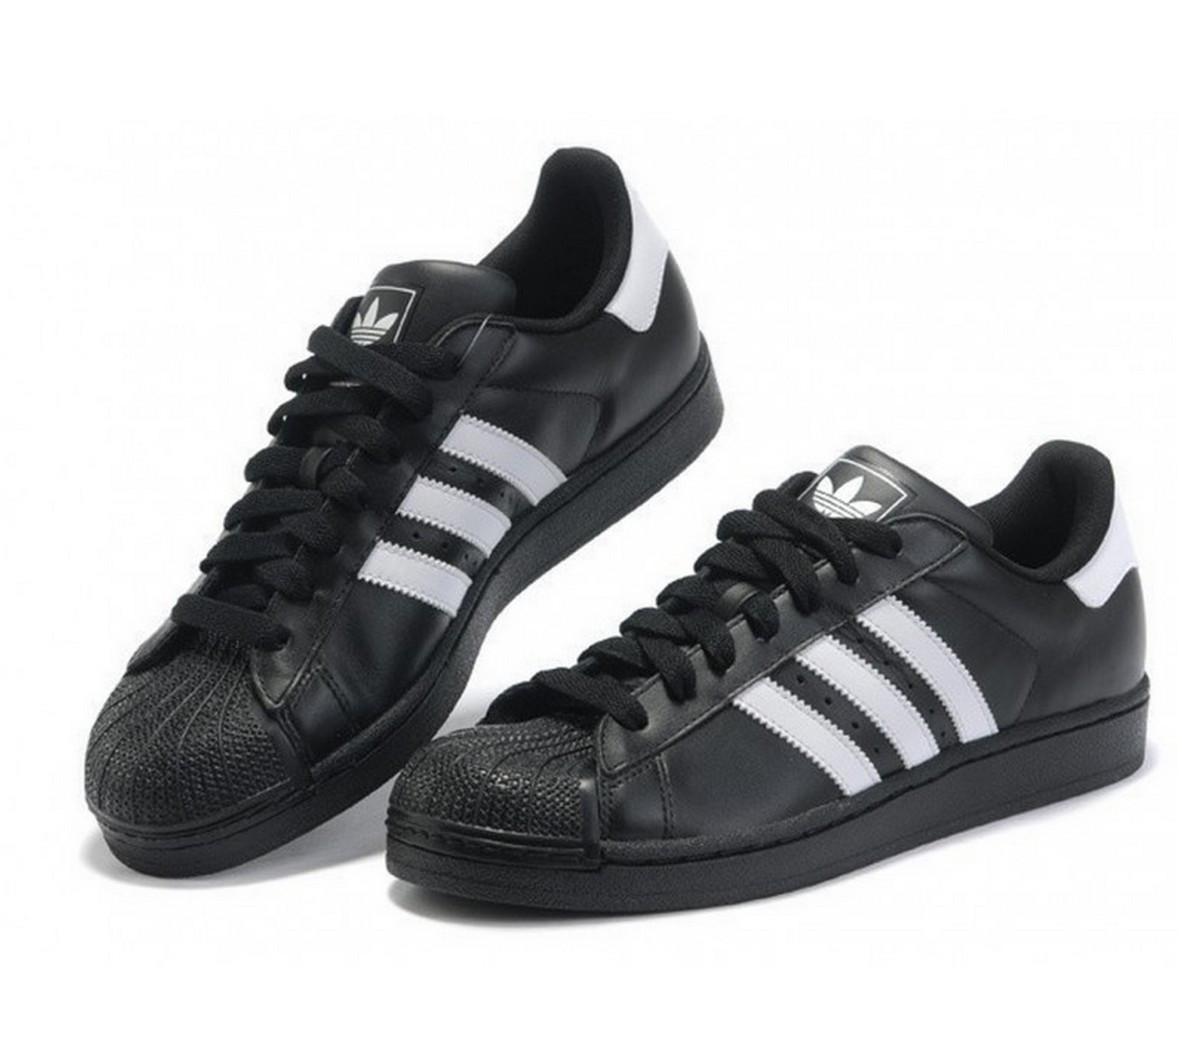 Кроссовки Adidas SuperStar Core Black Черные Женские Реплика — в ... ff57a94f8f97d